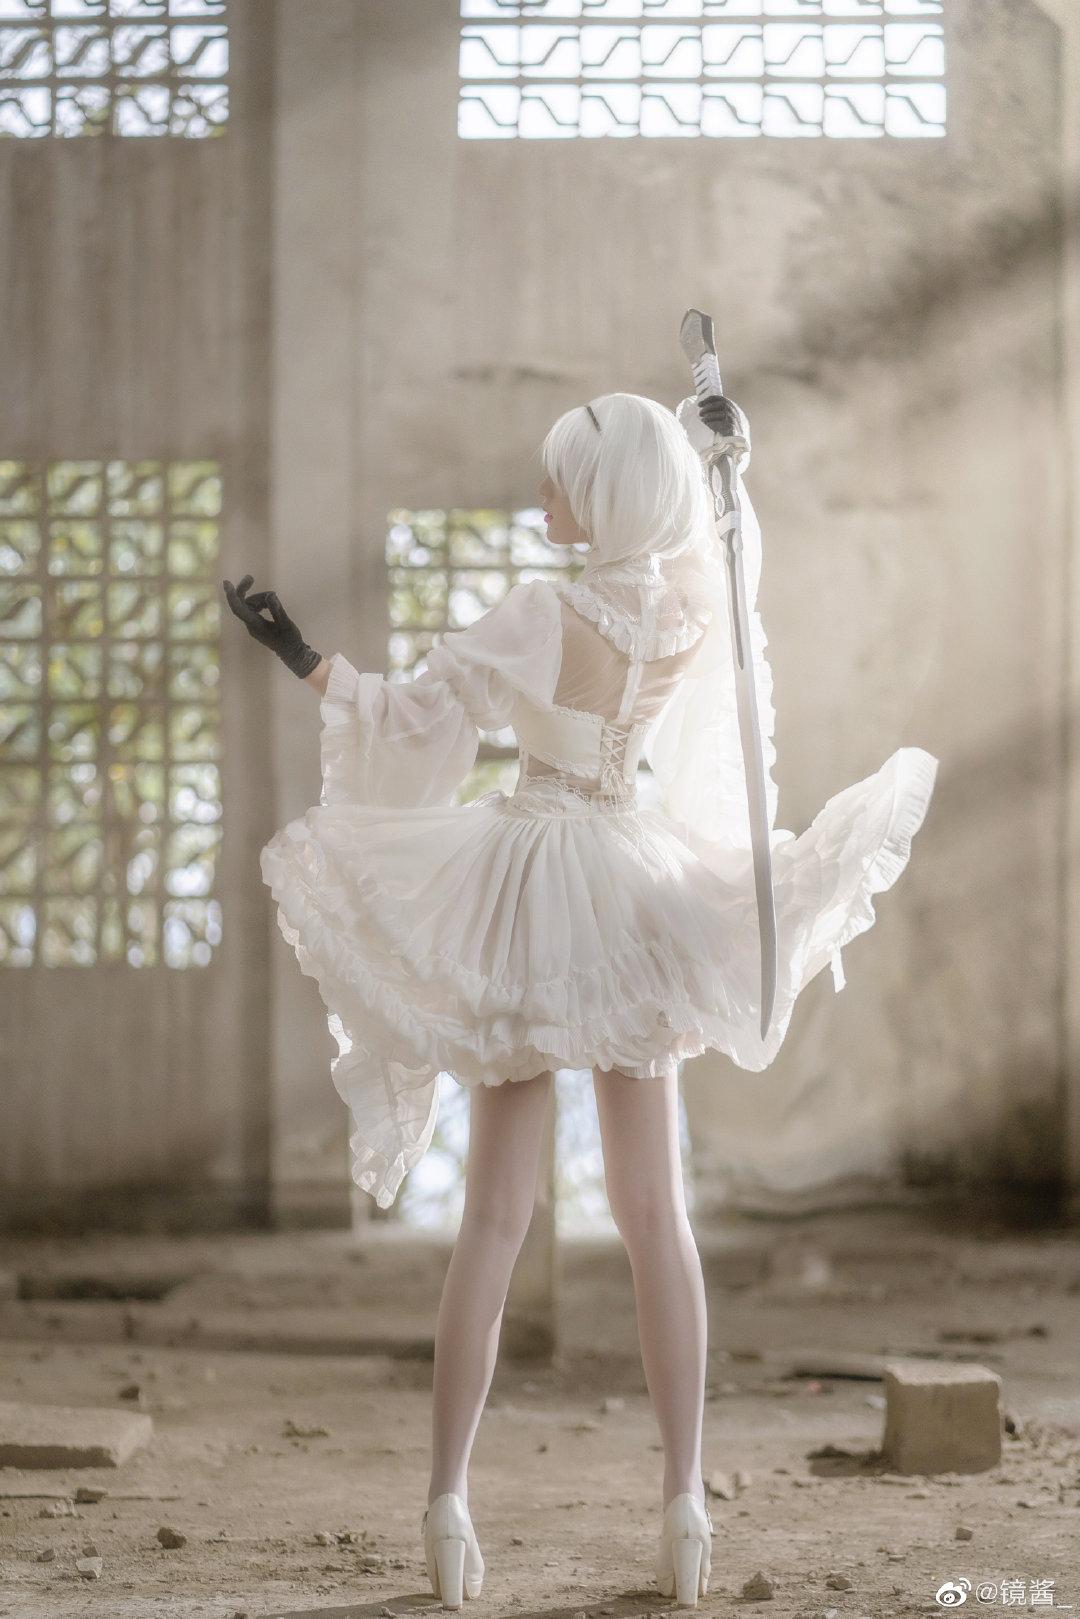 [COS]镜酱 #尼尔:机械纪元#2b白色婚纱 COSPLAY-第6张